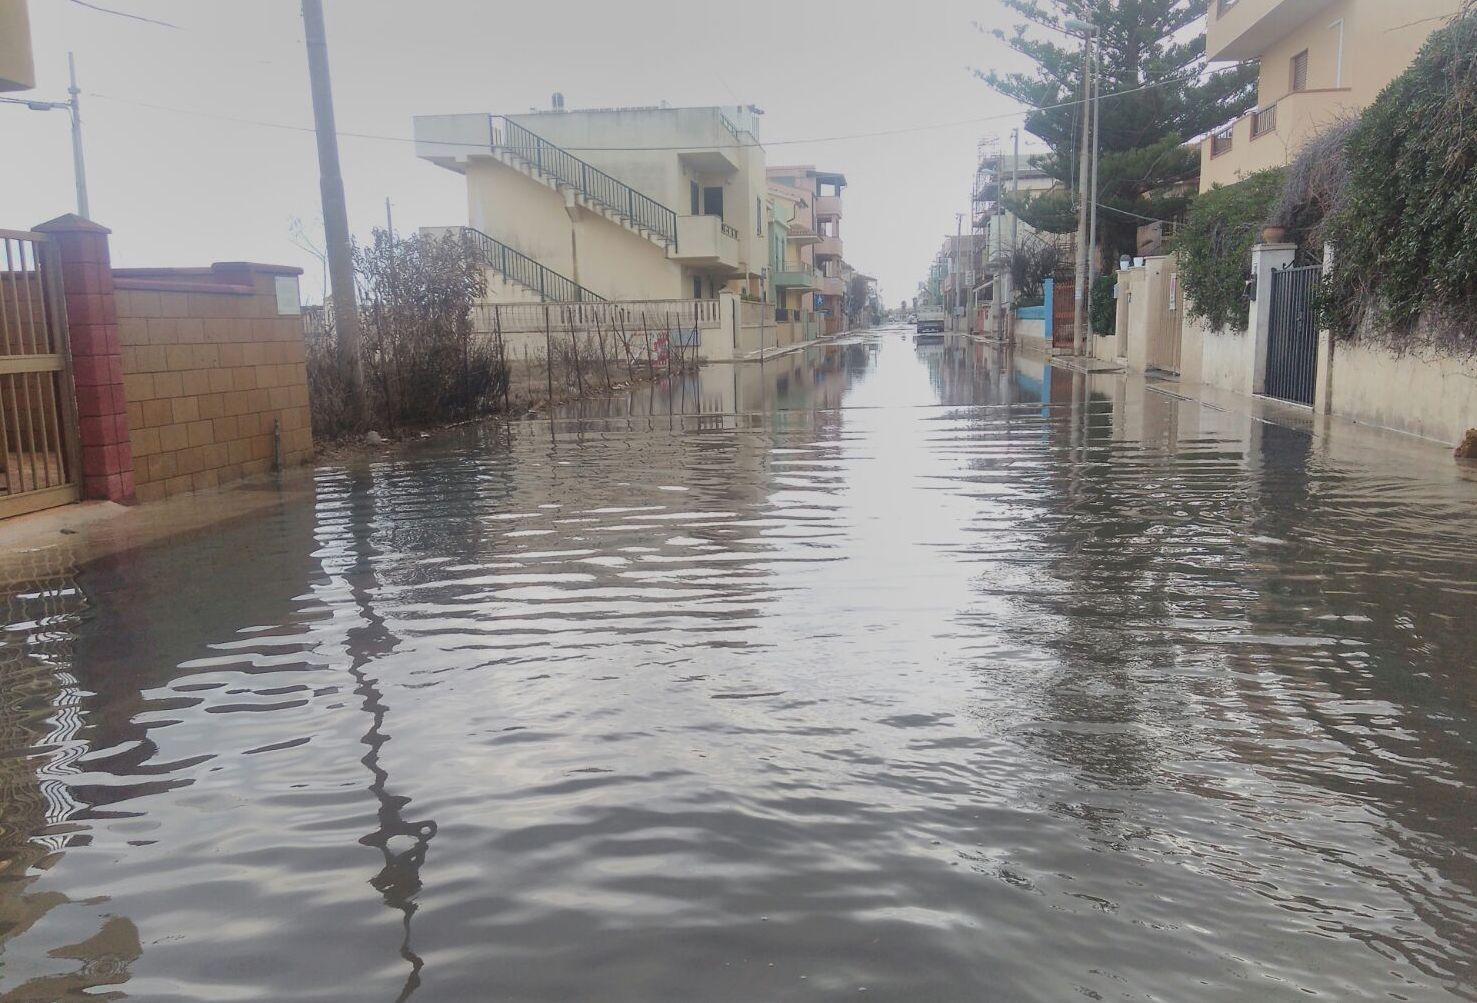 Emergenza ambientale a Marzamemi, da 8 giorni liquami di fogna in mare